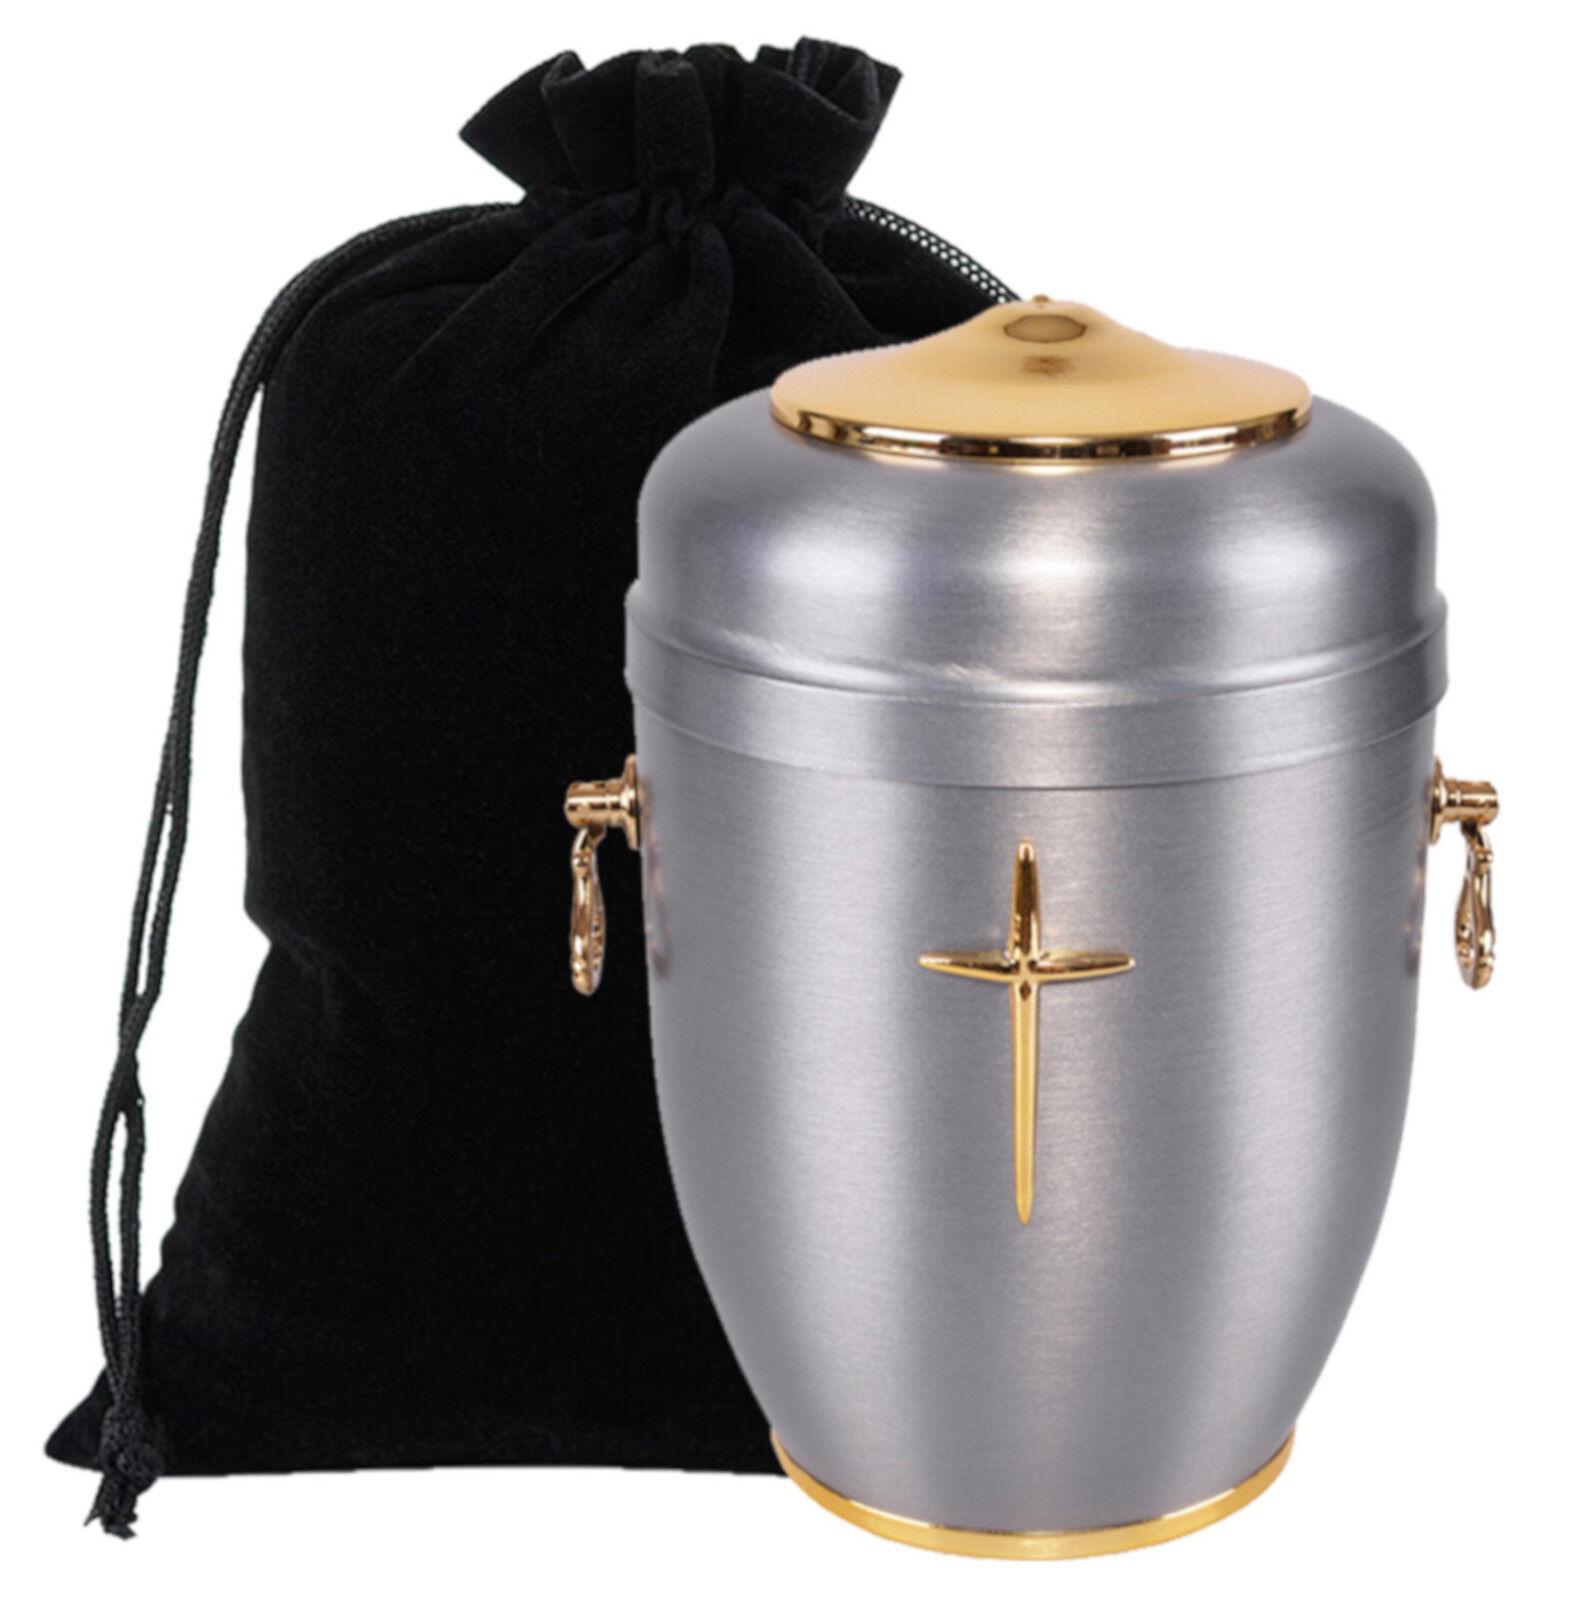 Exclusif Acier Urne de Crémation pour Cendres avec or Croix Funeral Adulte Gb